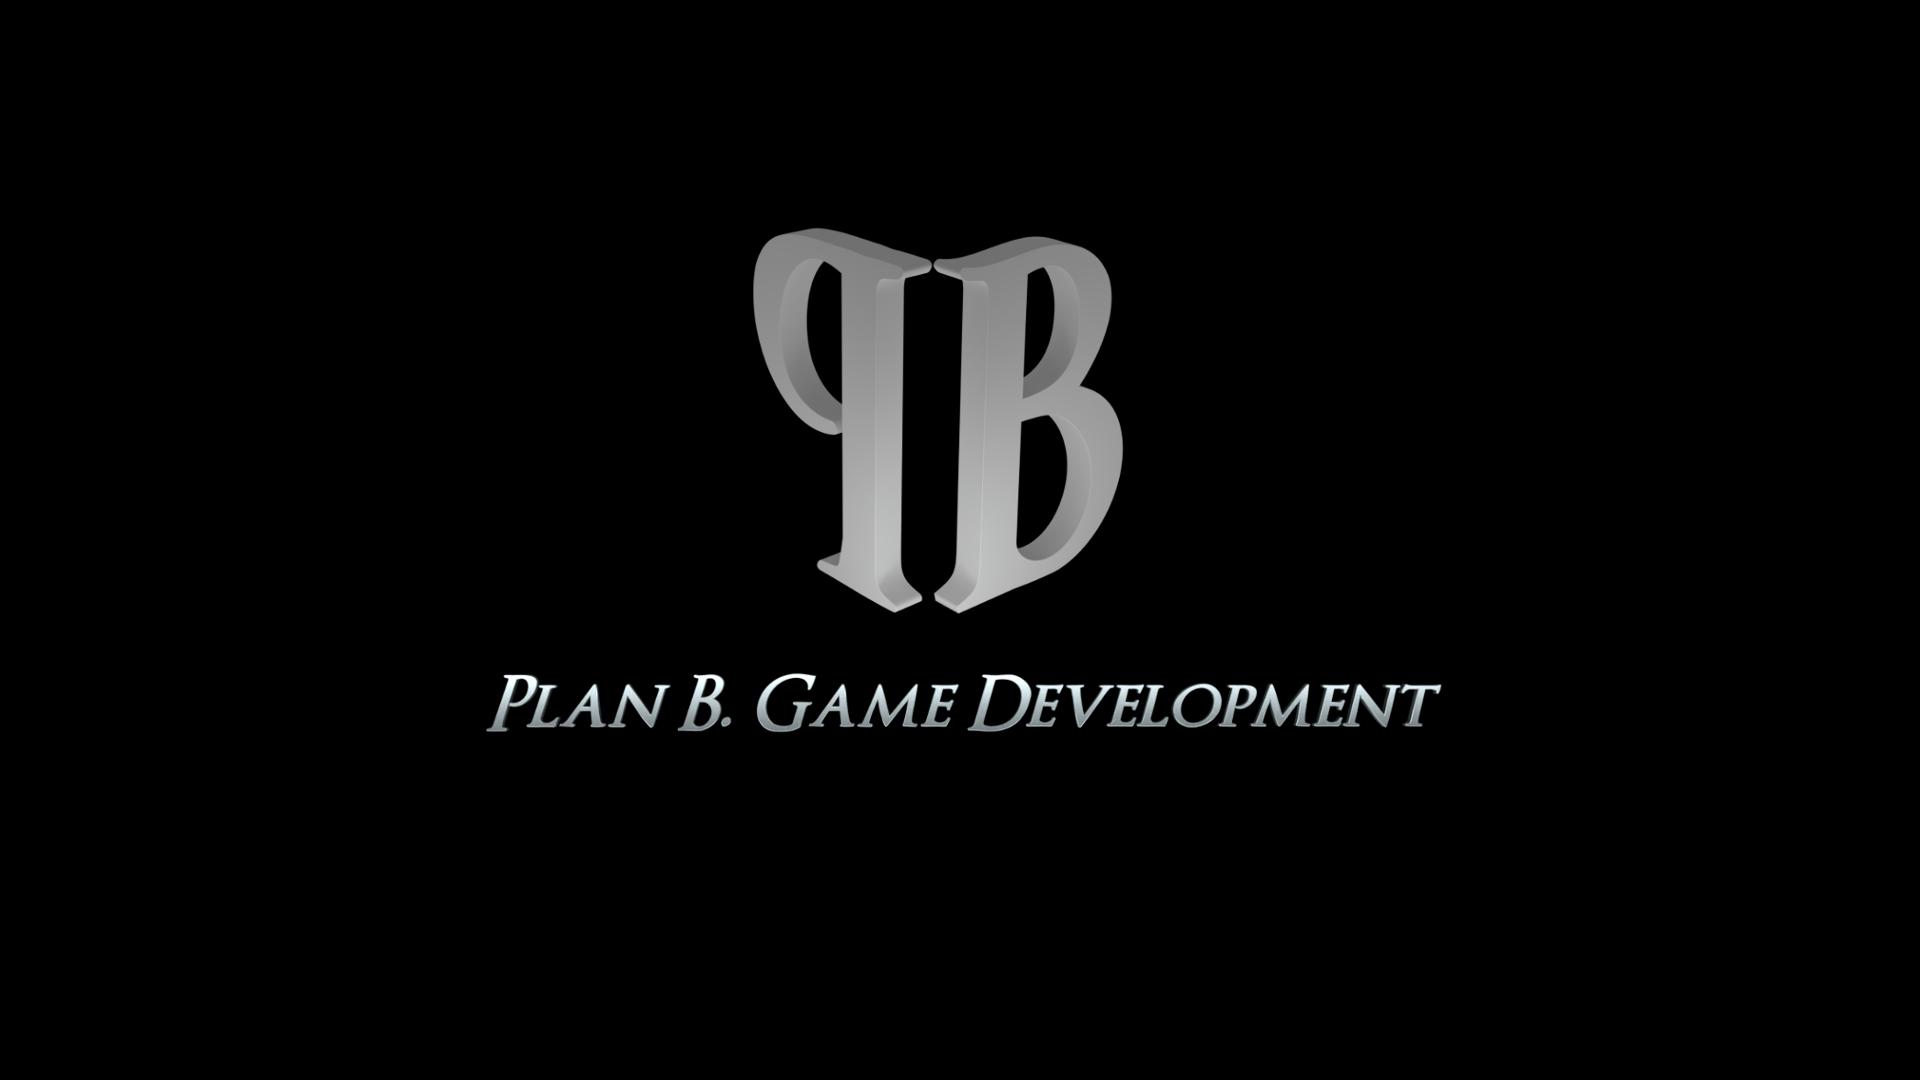 Plan B. Game Development 3D Logo